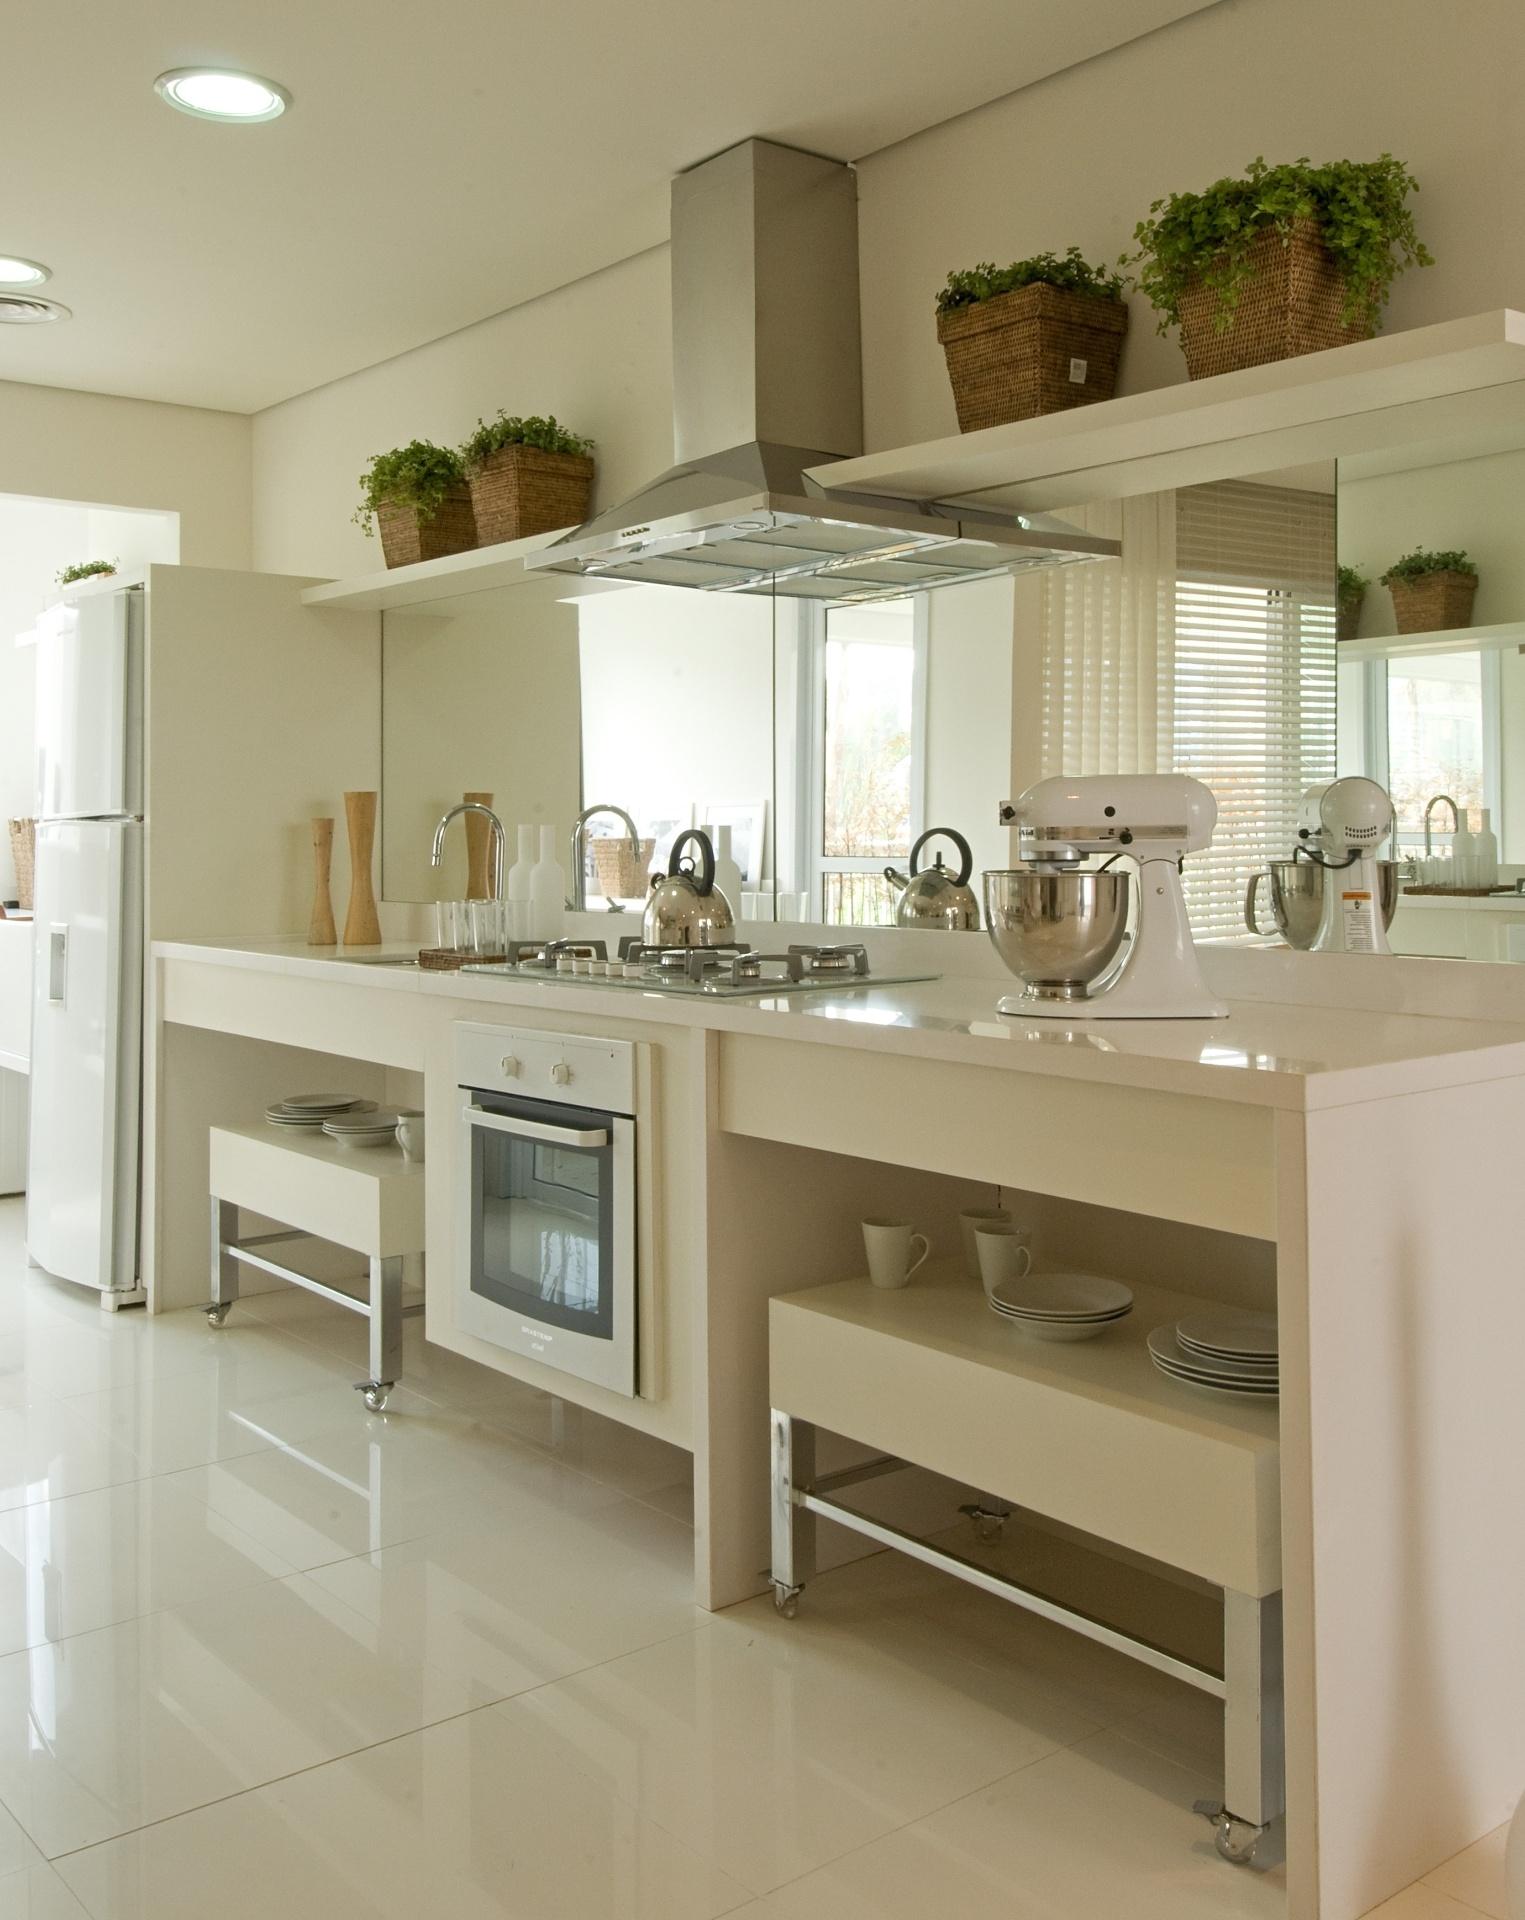 Na cozinha integrada, elaborada pela arquiteta Débora Aguiar, o único contraste fica por conta da coifa, dos metais e dos pés das mesinhas embutidas sob o móvel. O branco passa a assepsia desejada em uma cozinha